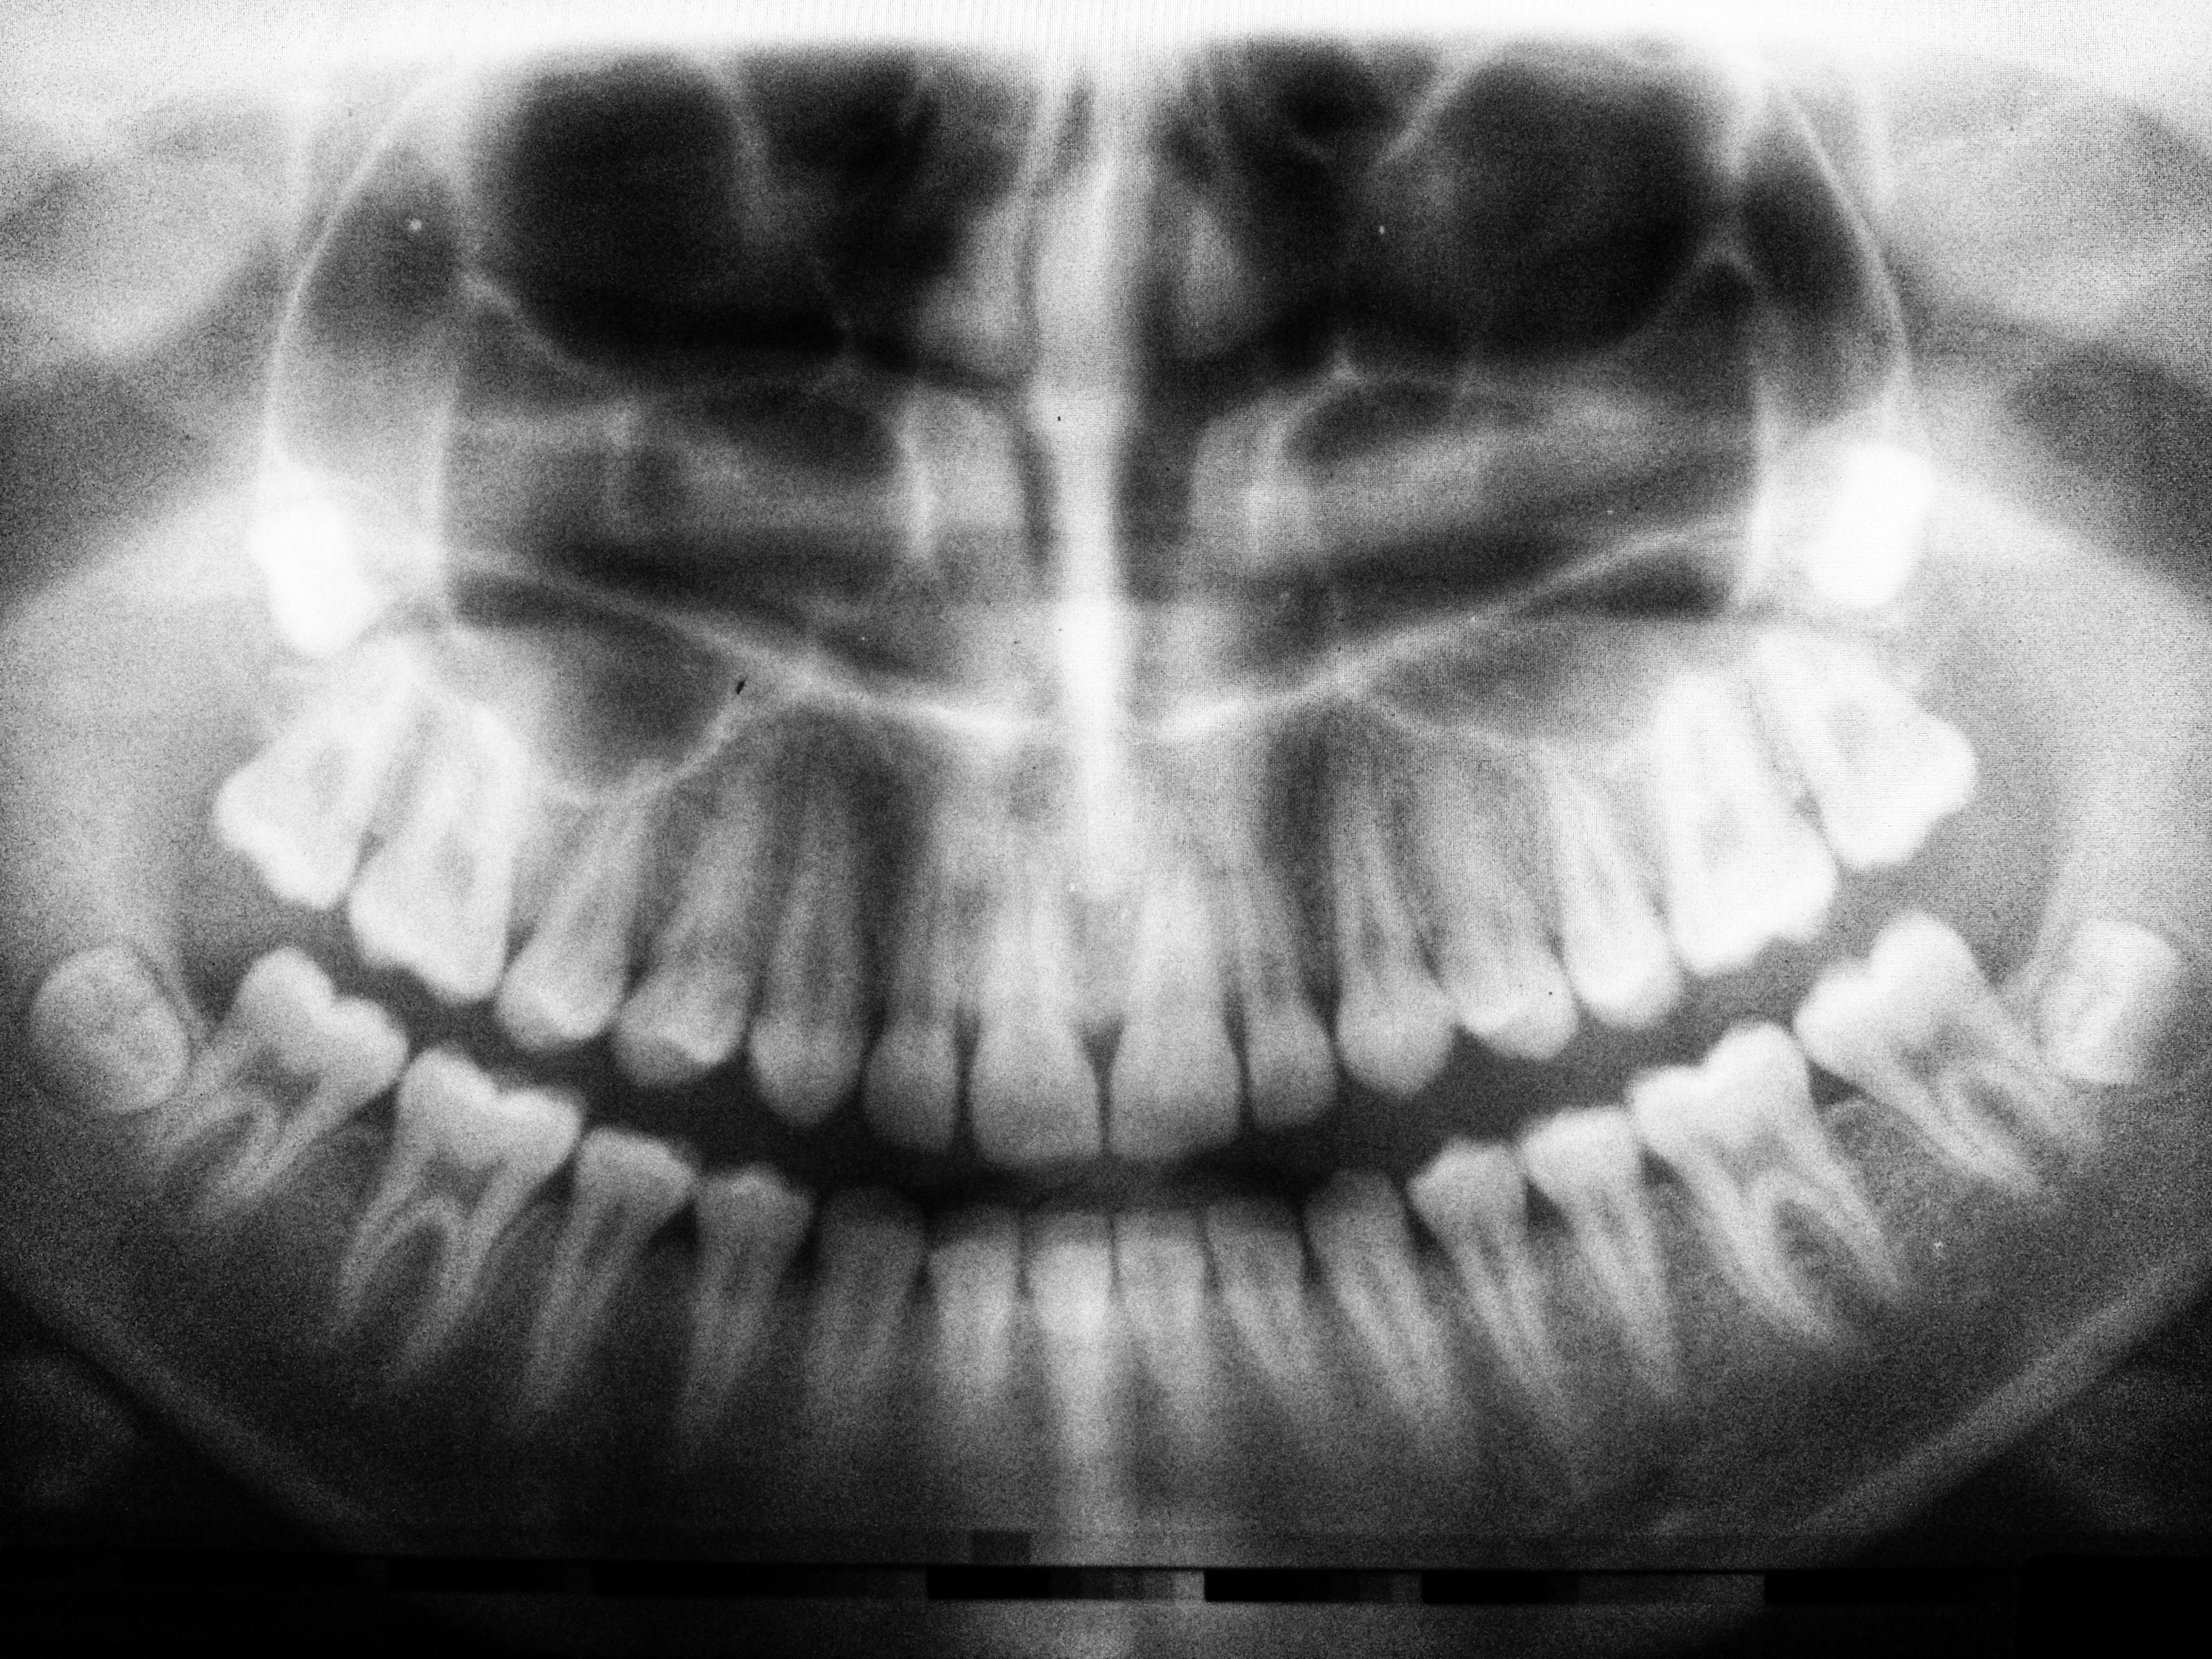 流程 保險,植牙 失敗,假牙 推薦,痛 失敗,流程 風險,推薦 風險,費用 痛,風險 植牙,推薦 植牙,痛 保險